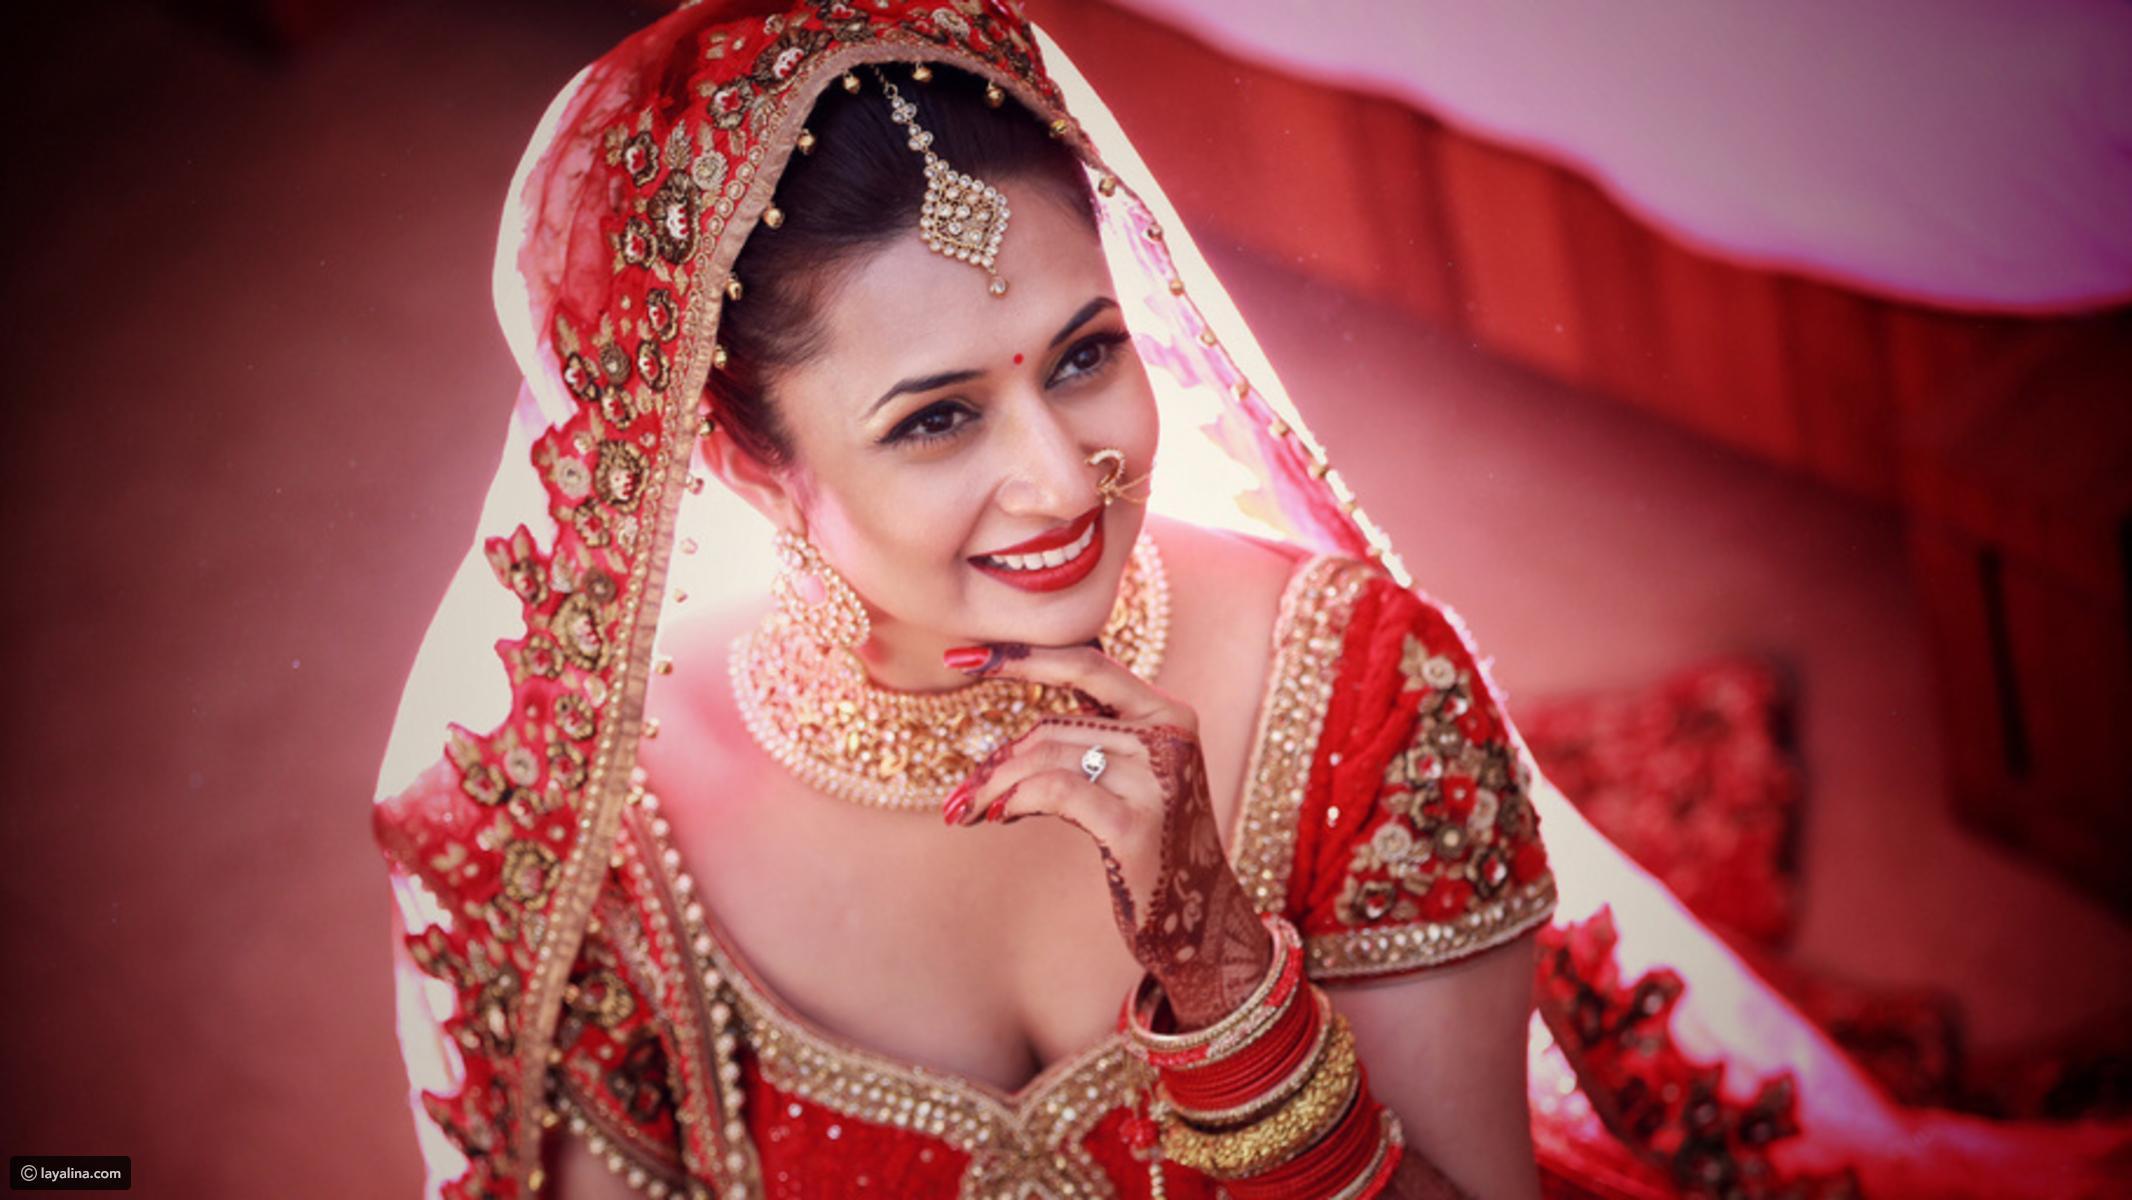 صورة بنات هندية , اجمل بنات ببشرة سمراء فى الهند 1250 6